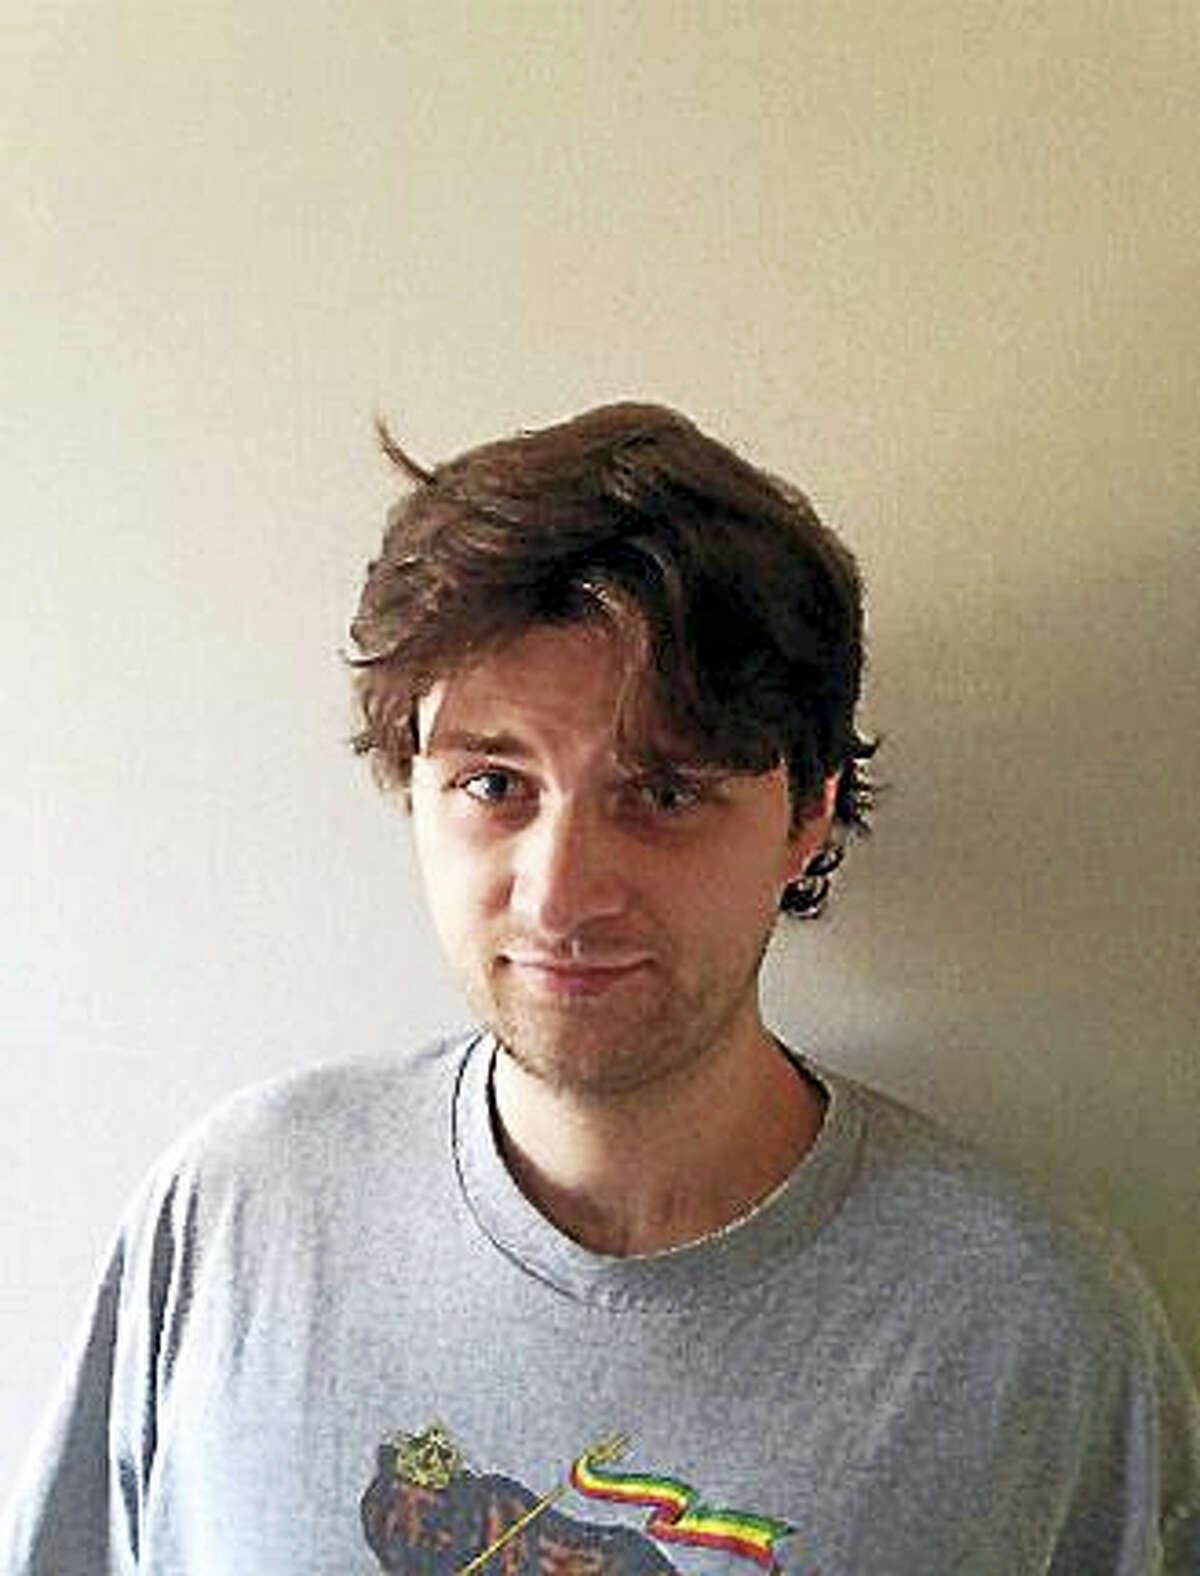 Travis Gahran